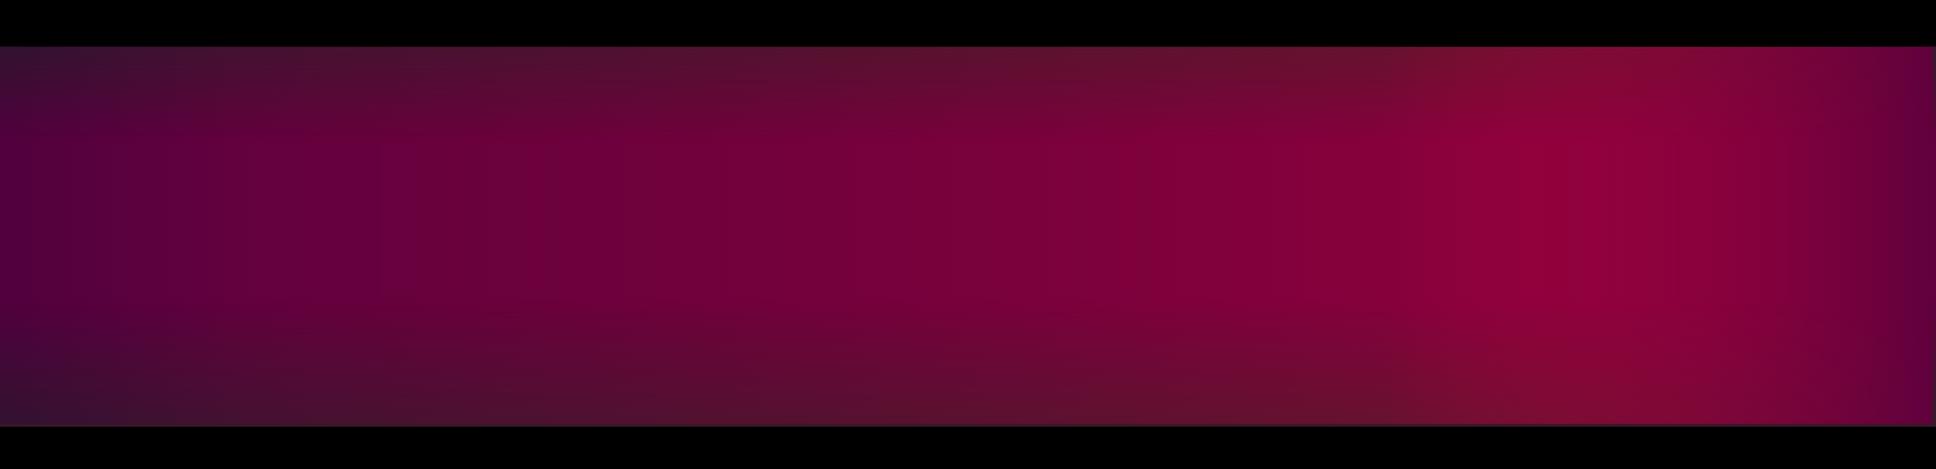 bande colorée-01.png